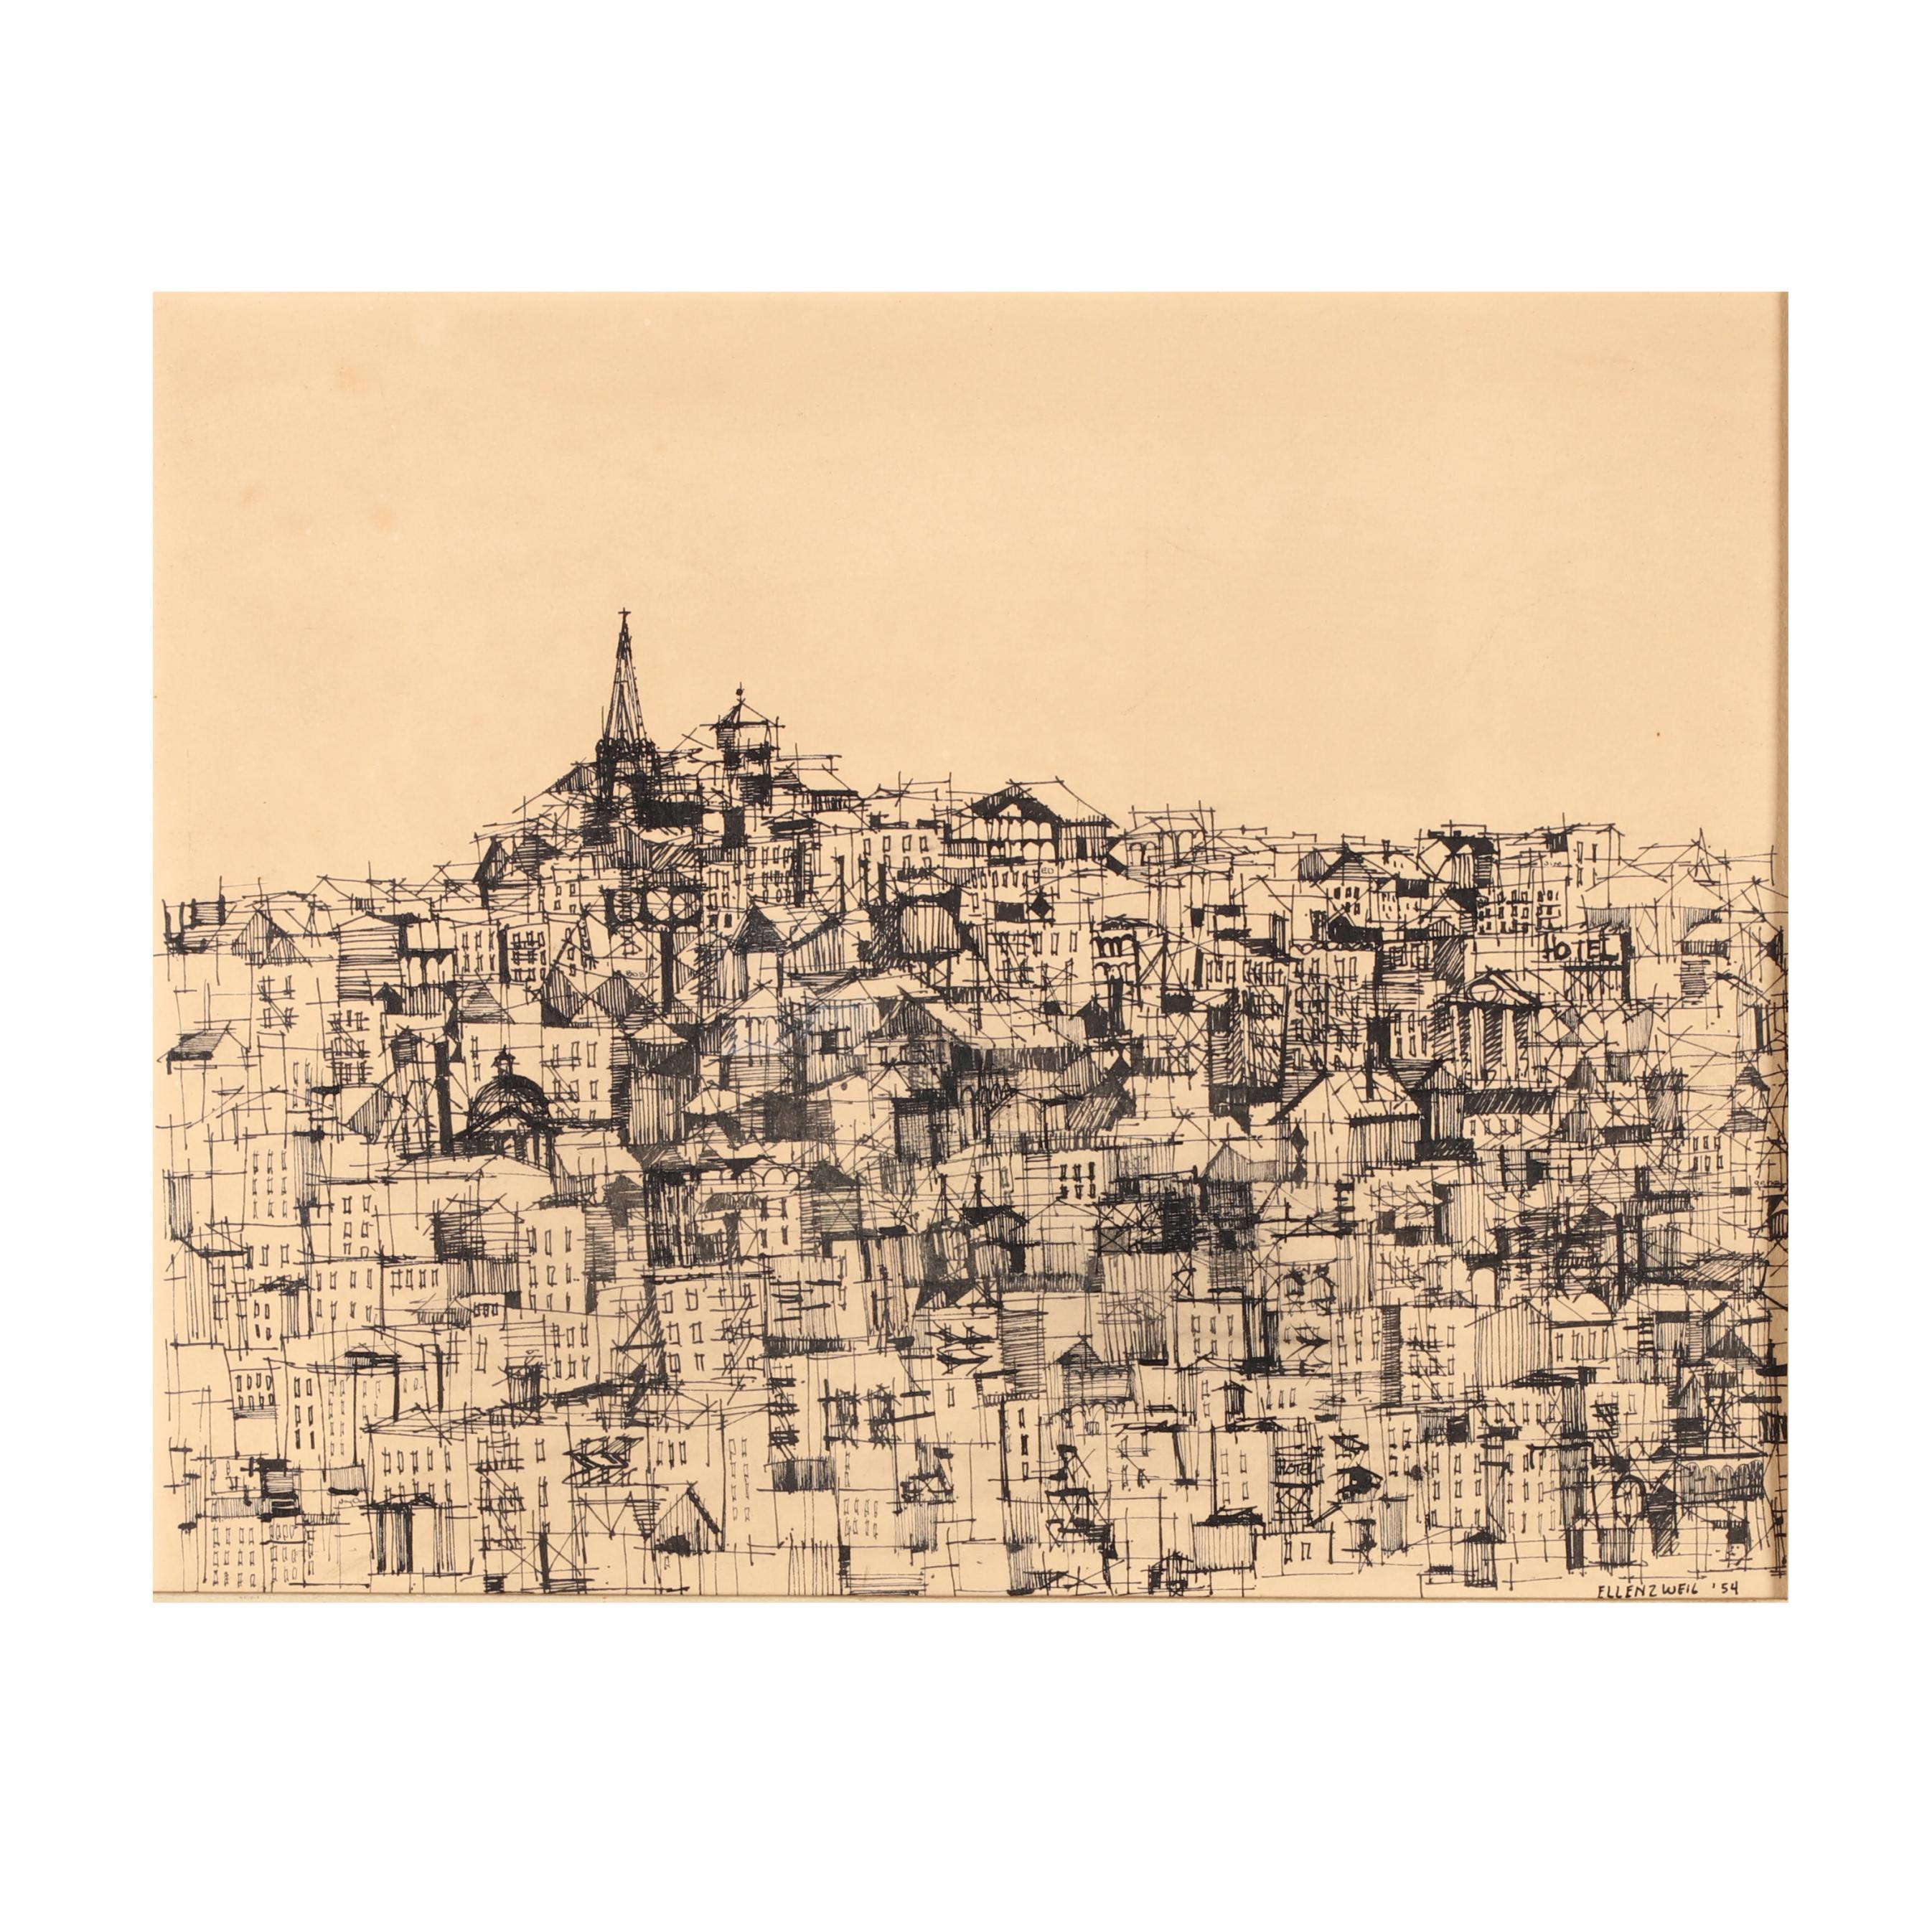 harry-ellenzweig-ma-1931-2014-untitled-city-skyline